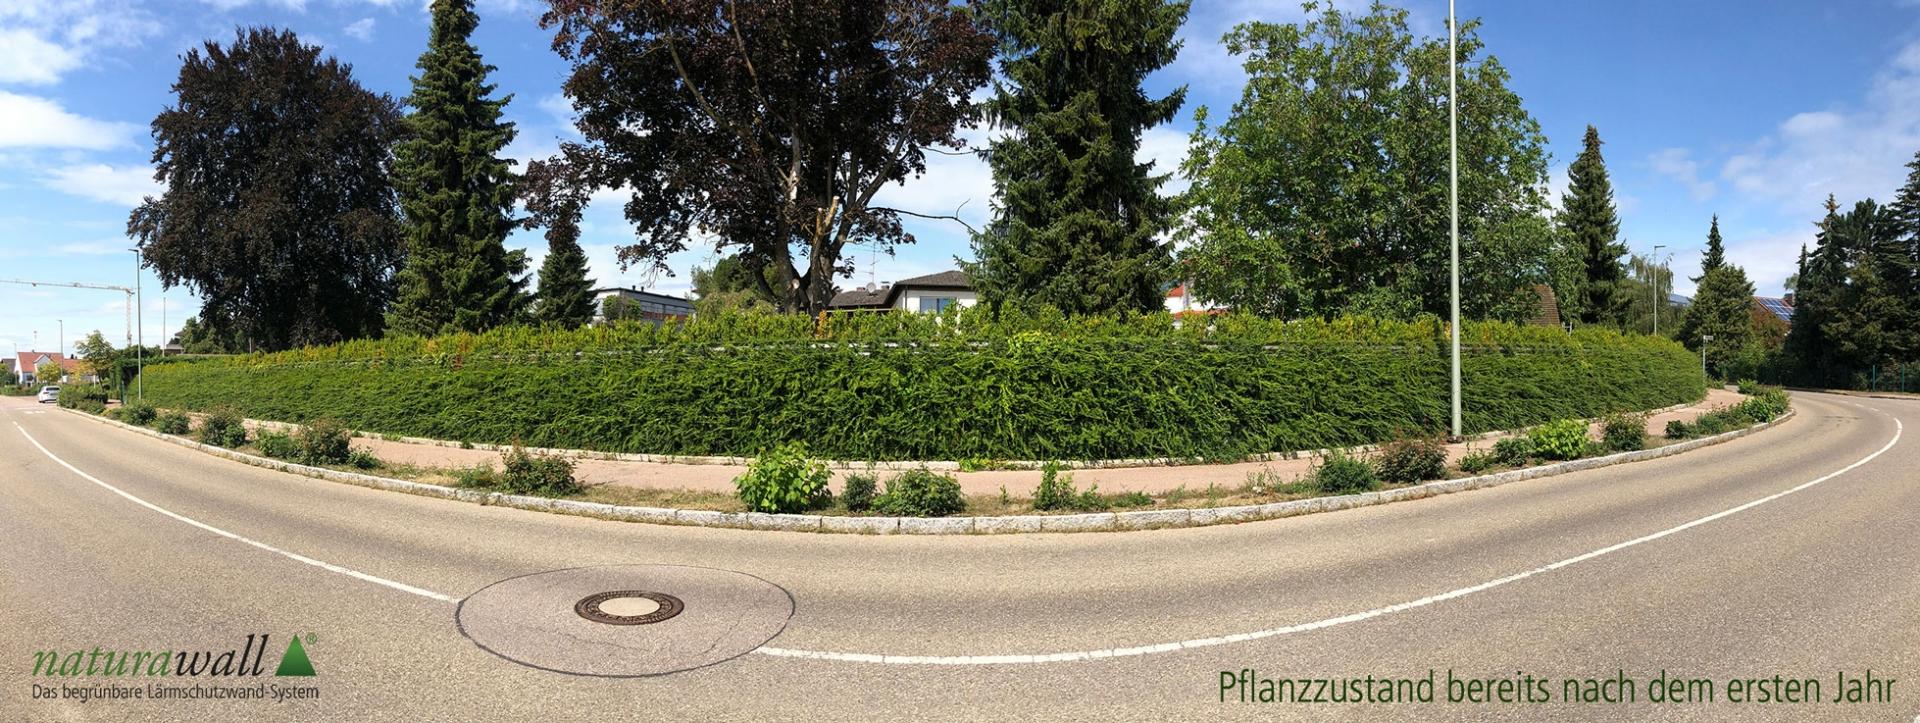 Pflanzzustand nach einem Jahr naturawall begrünbare Lärmschutzwand